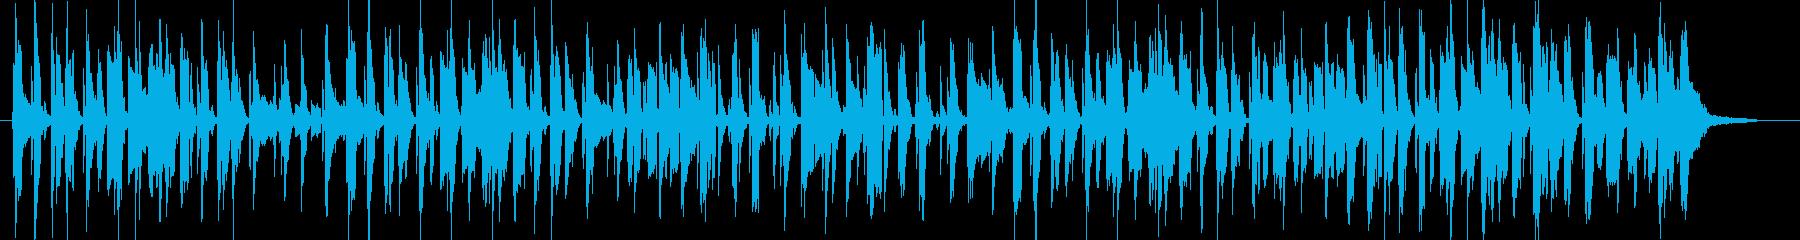 R&BとFunkインストゥルメンタ...の再生済みの波形